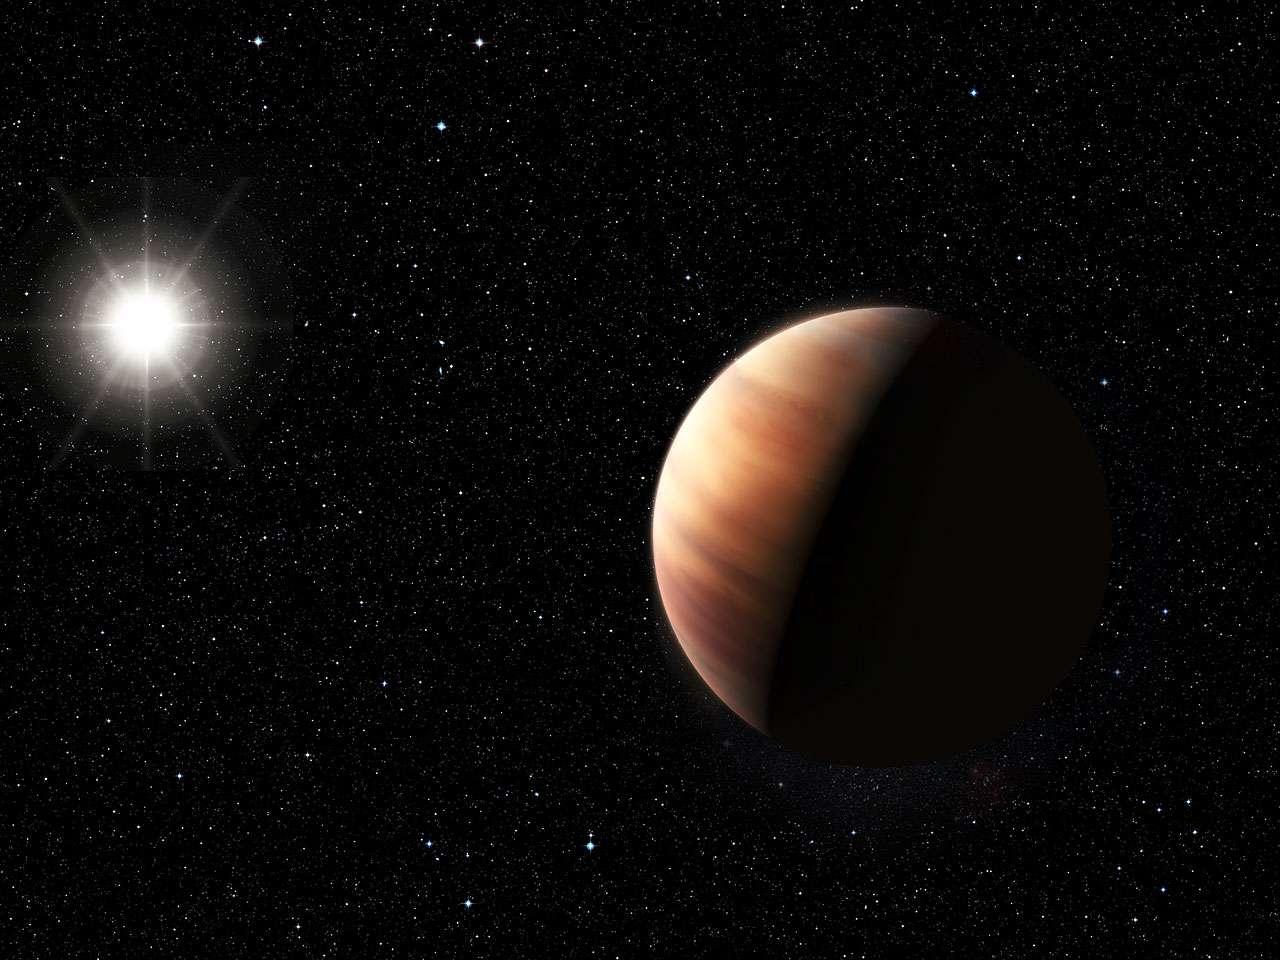 Cette illustration montre une géante gazeuse jumelle de Jupiter récemment découverte autour d'un jumeau solaire, HIP 11915. La planète est dotée d'une masse semblable à celle de Jupiter et orbite autour de son étoile-hôte à une distance voisine de celle qui sépare Jupiter du Soleil. Par ailleurs, la composition de HIP 11915 est semblable à celle de notre étoile. Tous ces éléments mis ensemble laissent entrevoir la possibilité que ce système planétaire présente quelques similitudes avec notre Système solaire, comme de petites planètes rocheuses dans les régions intérieures. © Eso, L. Benassi